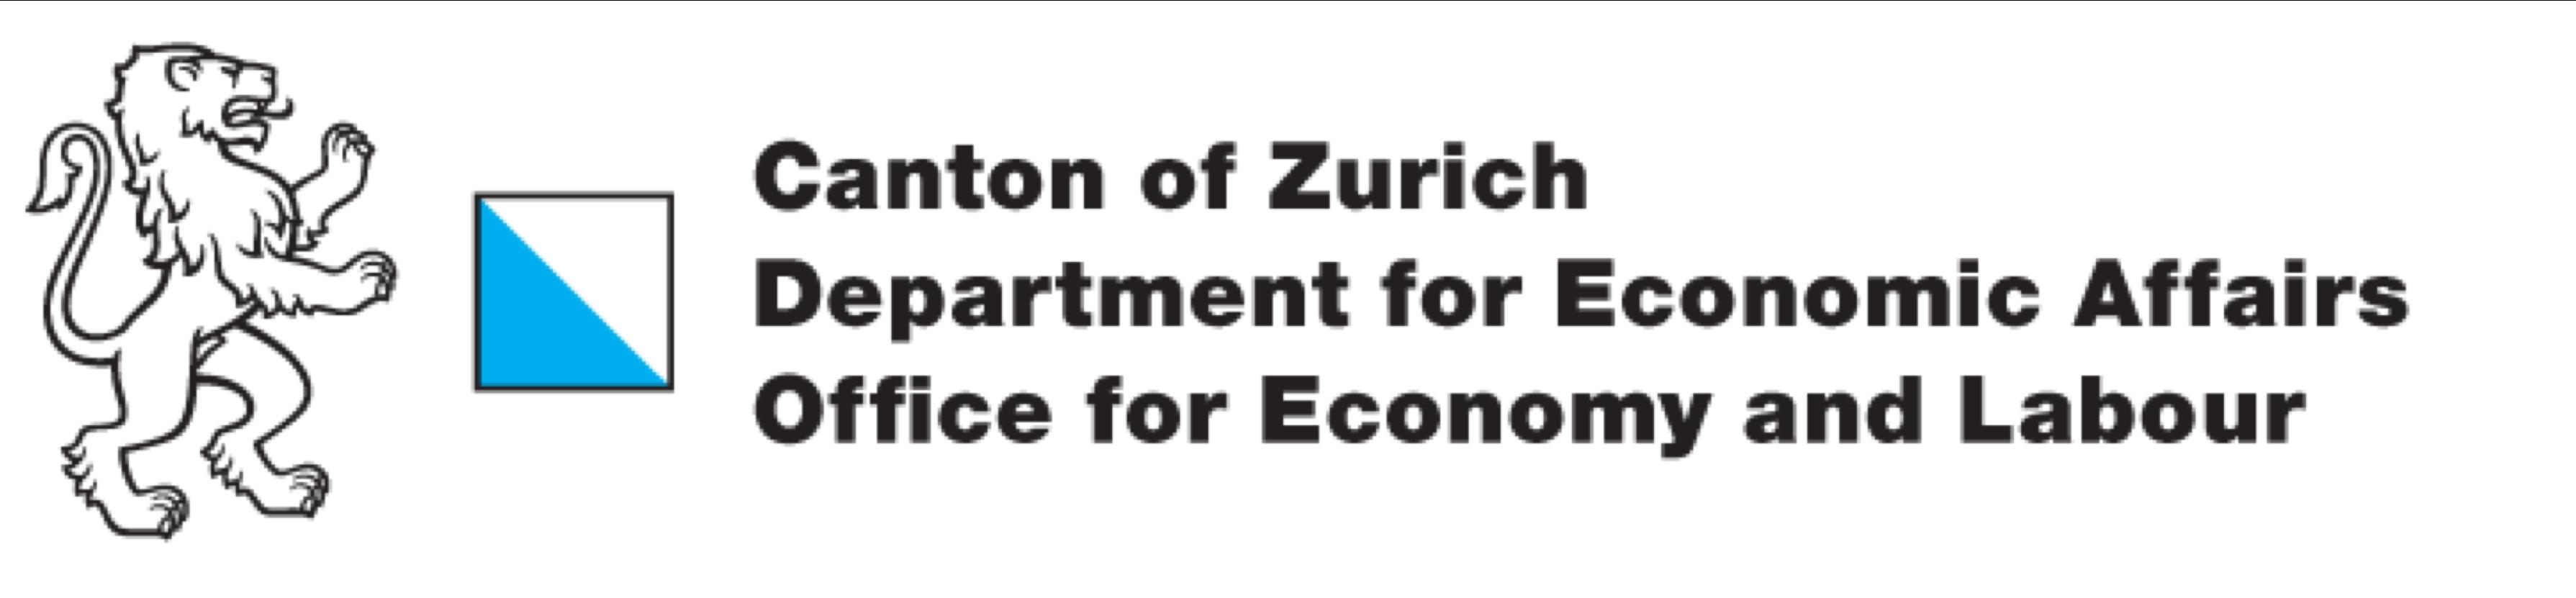 Canton of Zurich